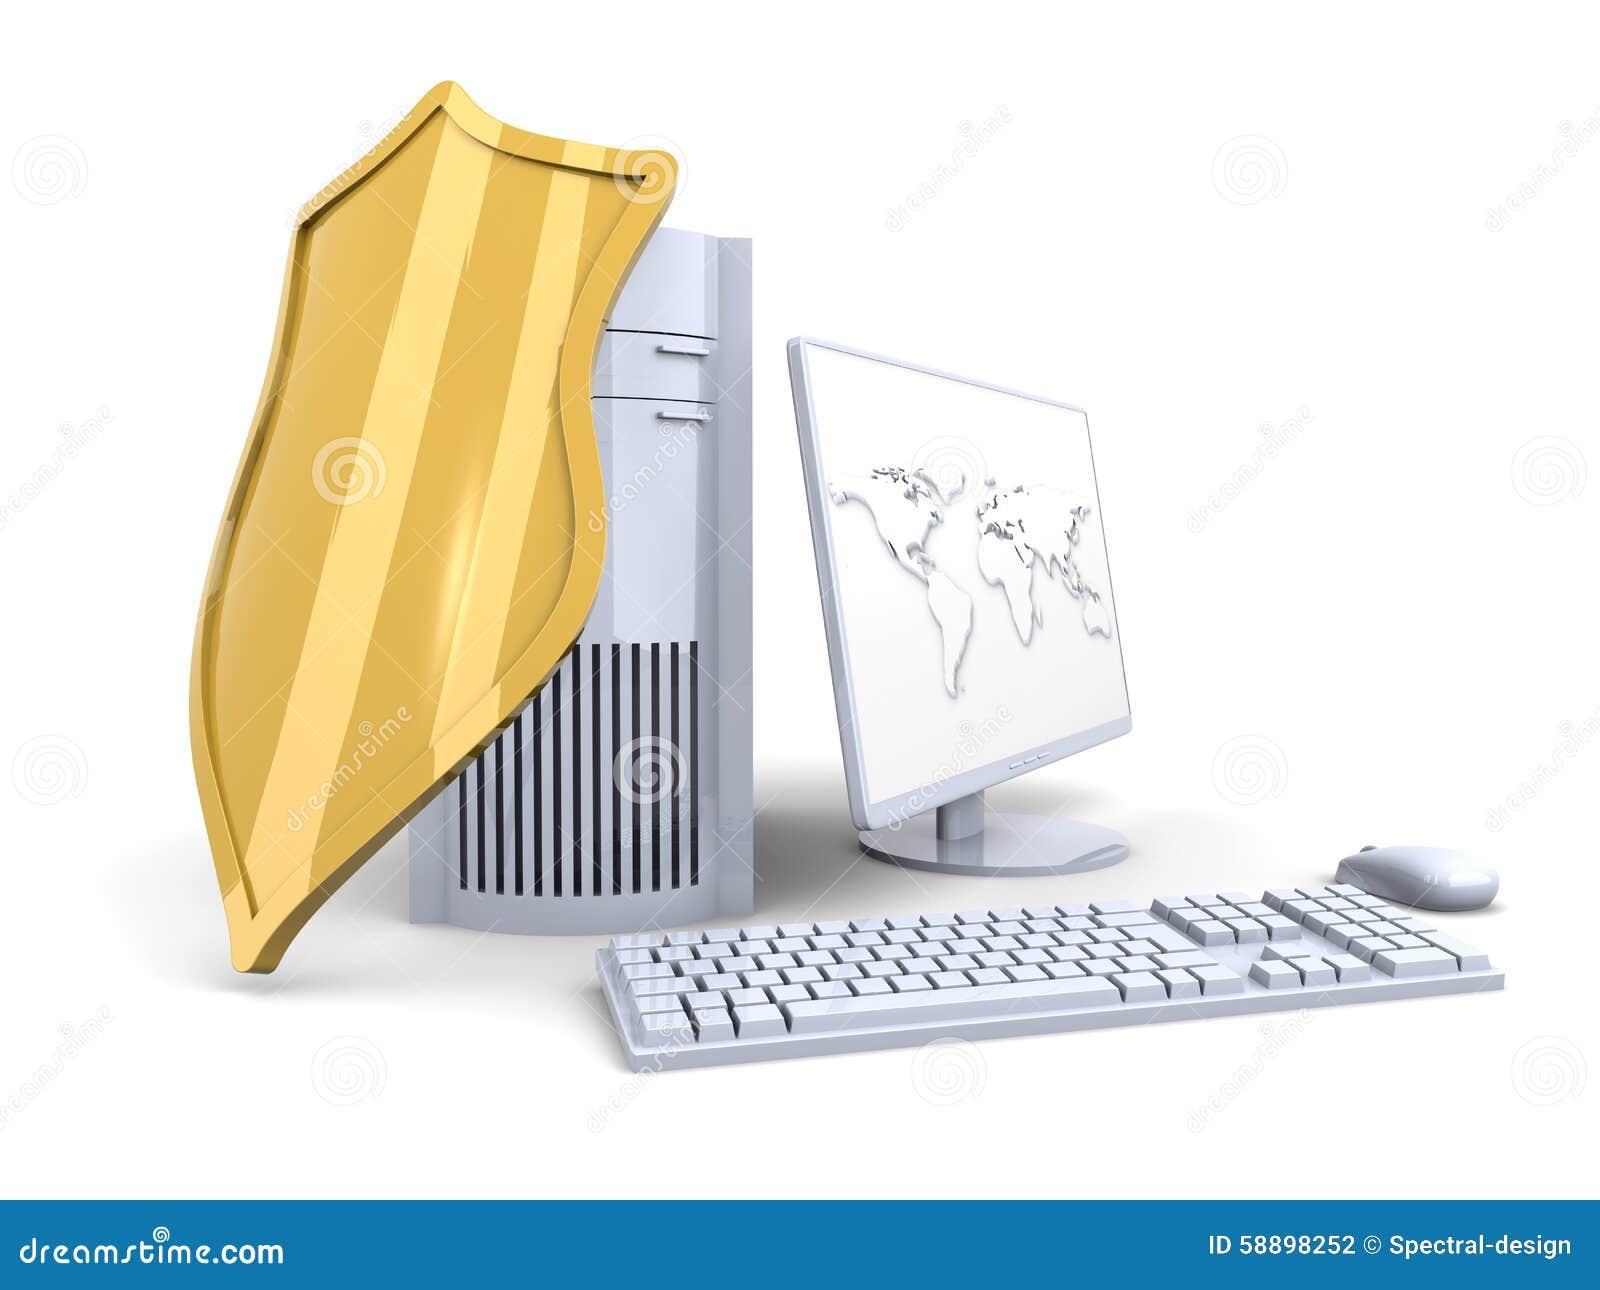 Ένα προστατευμένο και προστατευμένο σύστημα υπολογιστών γραφείου